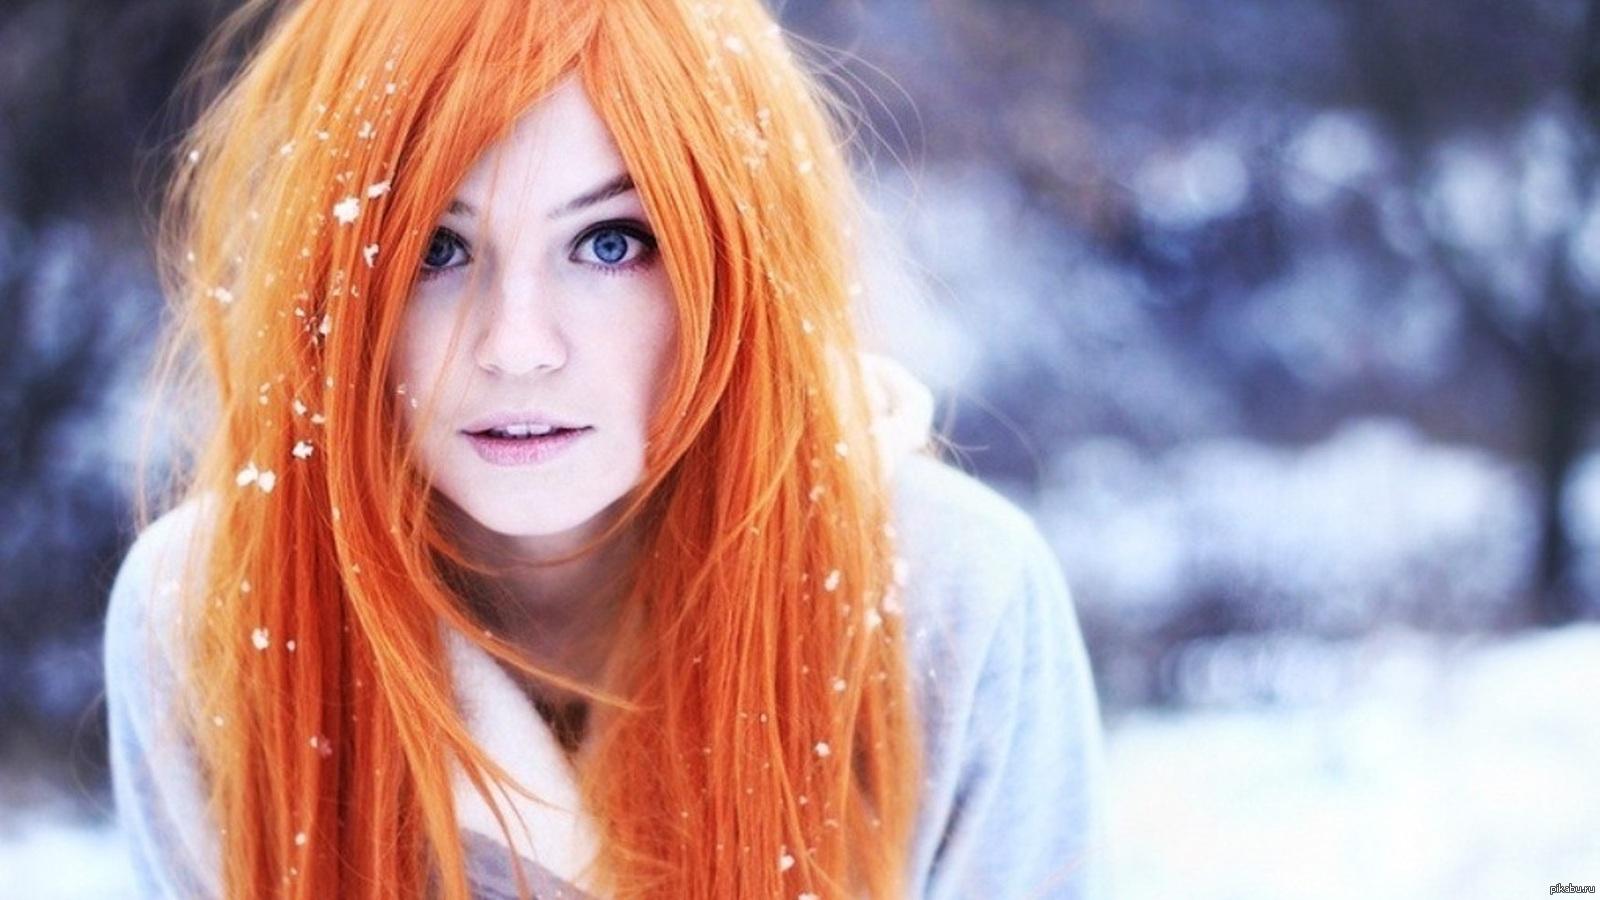 Черно белые картинки девушек с рыжими волосами 17 фотография